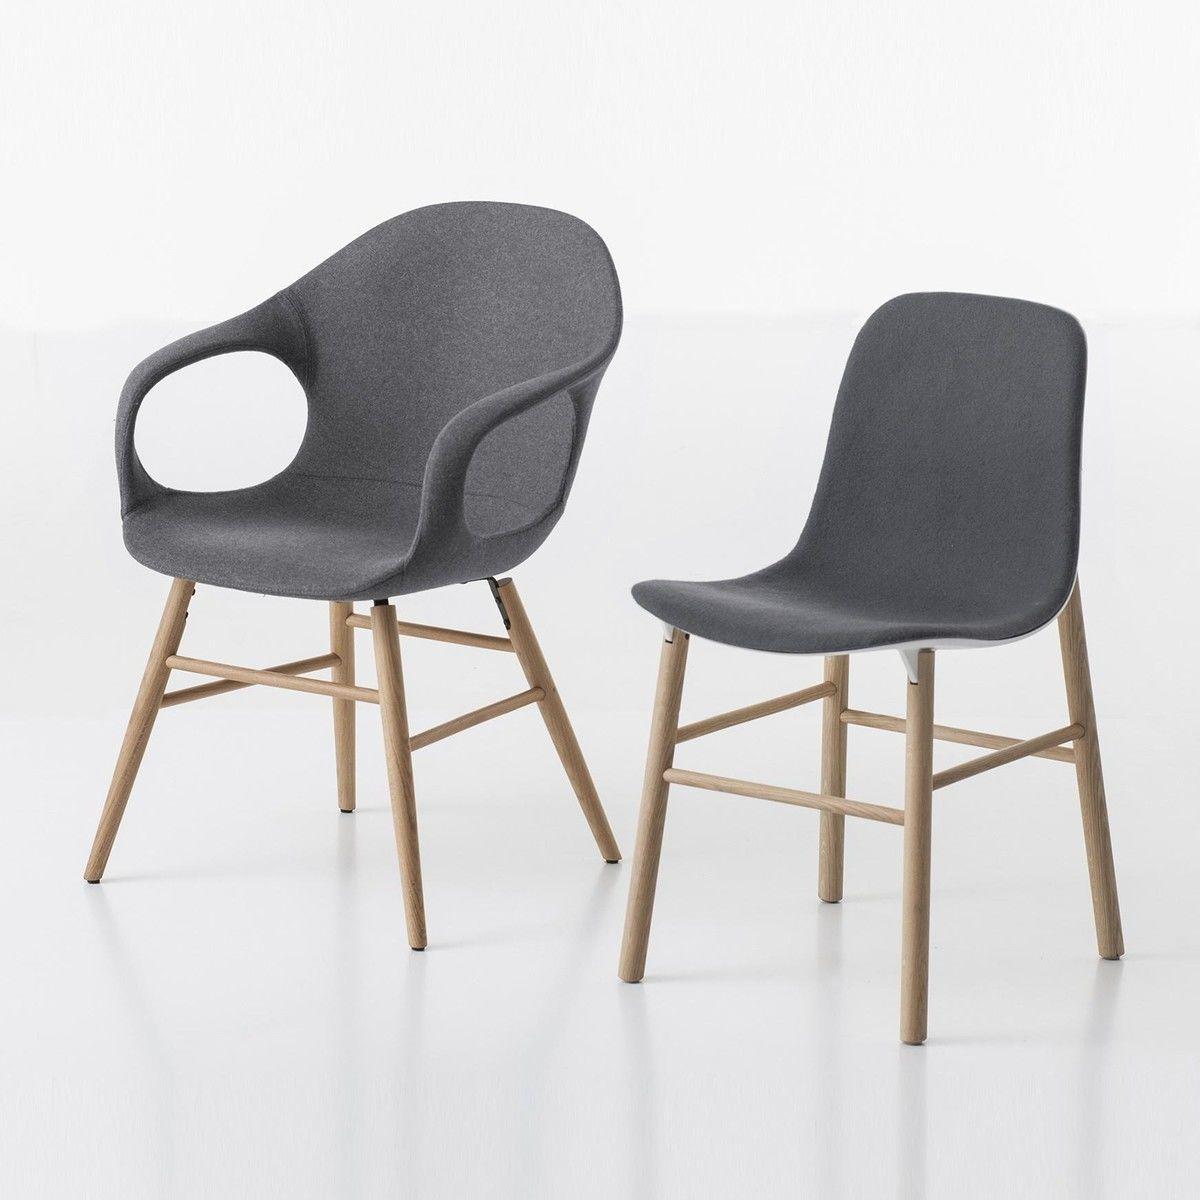 sharky chair upholstered kristalia. Black Bedroom Furniture Sets. Home Design Ideas